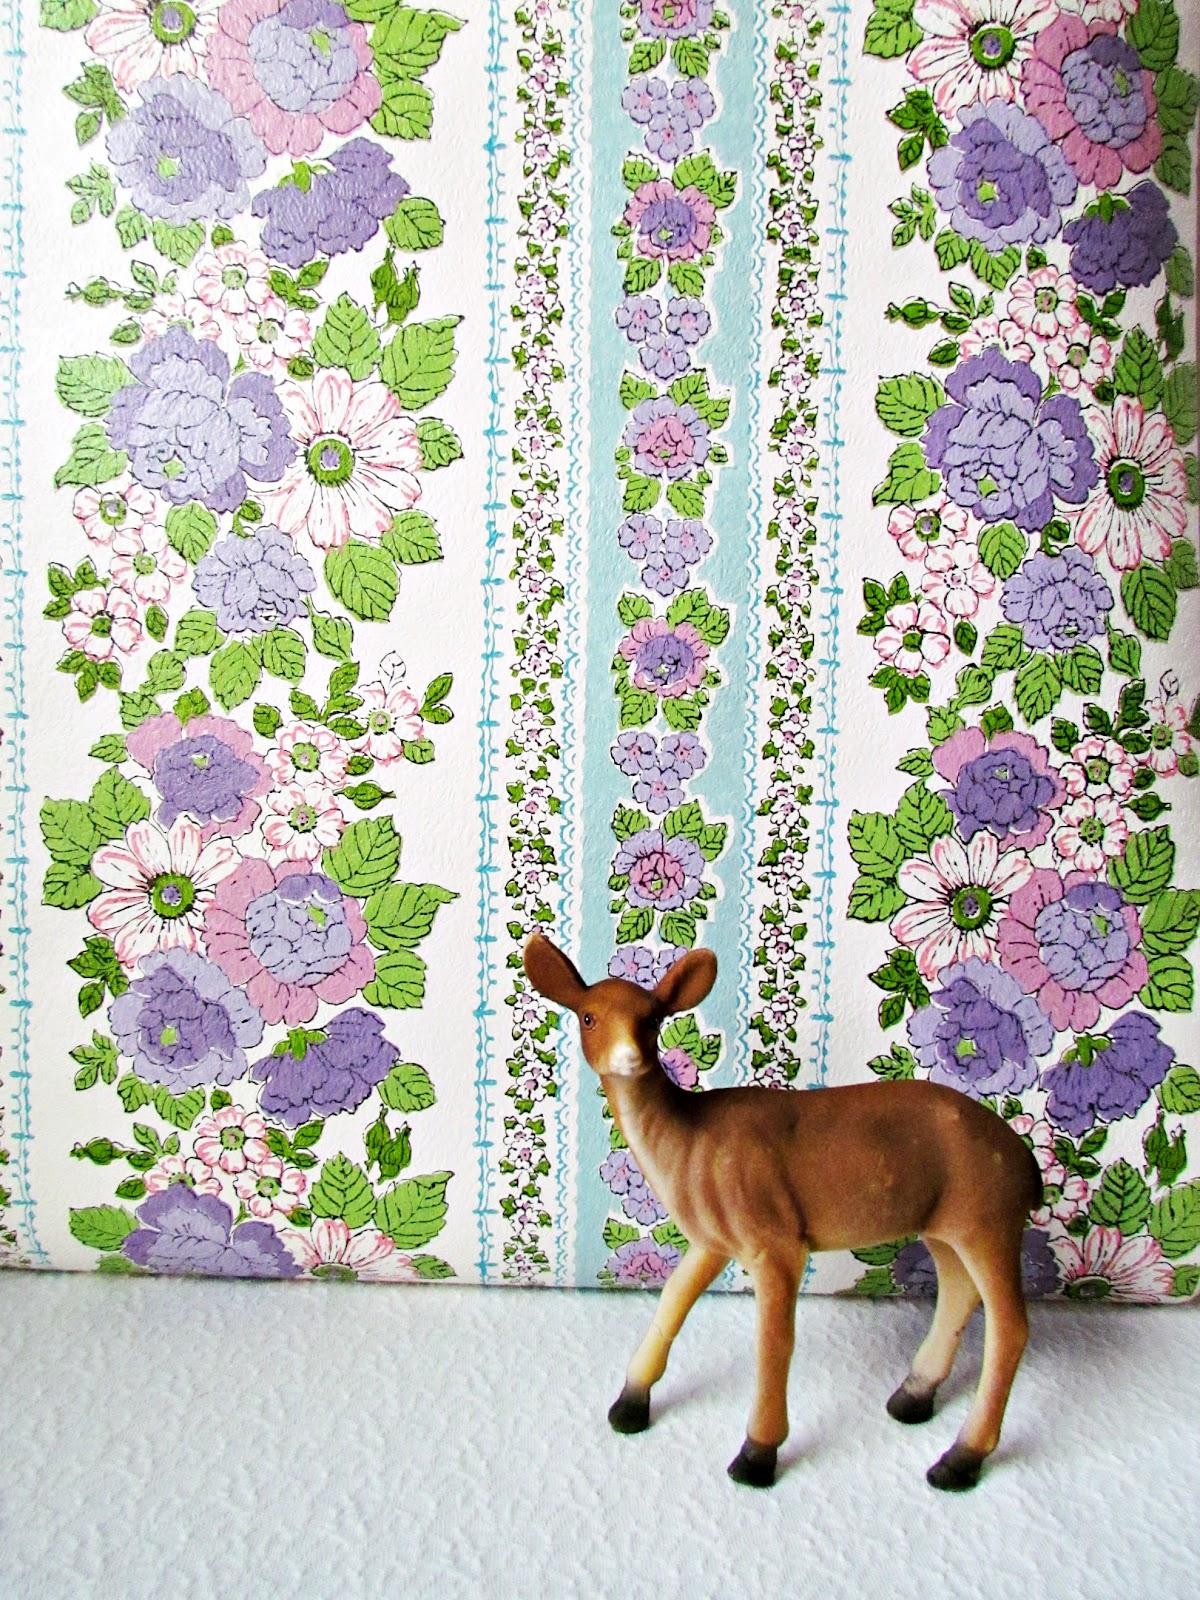 http://1.bp.blogspot.com/-OXj6prvx_EY/Tzi2v7Qv17I/AAAAAAAADDQ/C4CiA55YgUc/s1600/Violet\'s%2BRoom%2BWallpaper%2B2.jpg